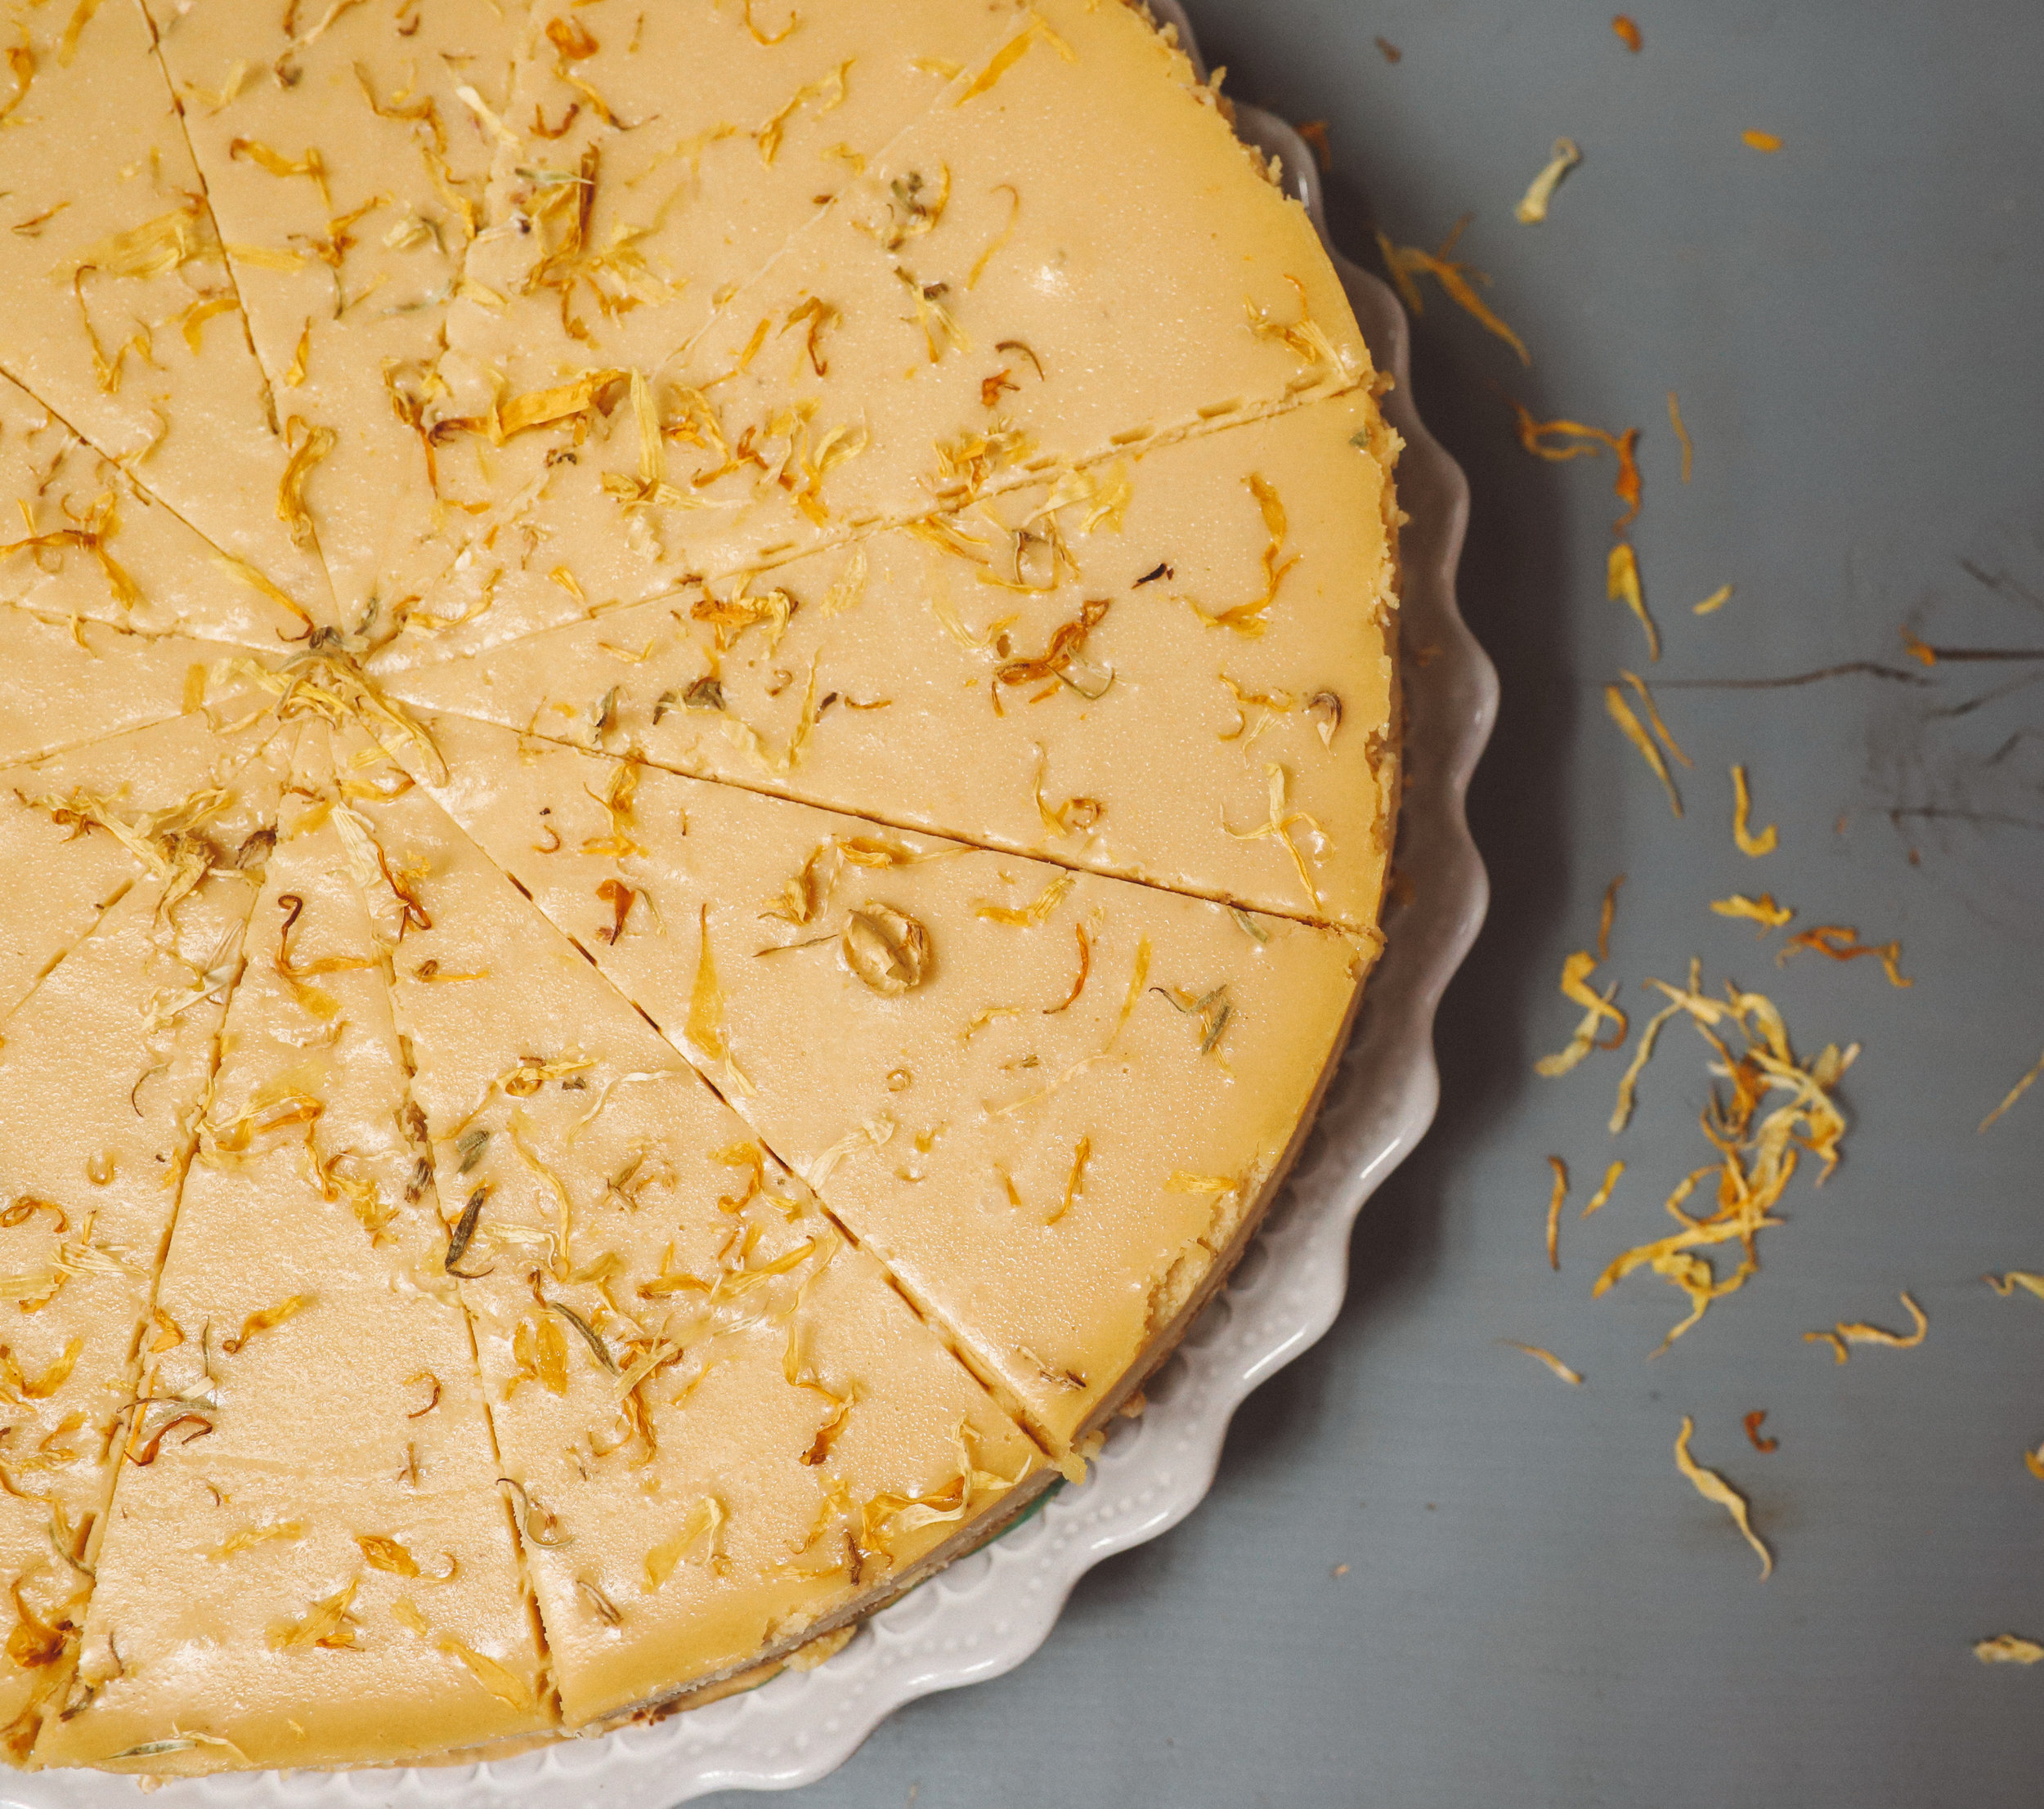 solfeggio-cheesecake-9.jpg